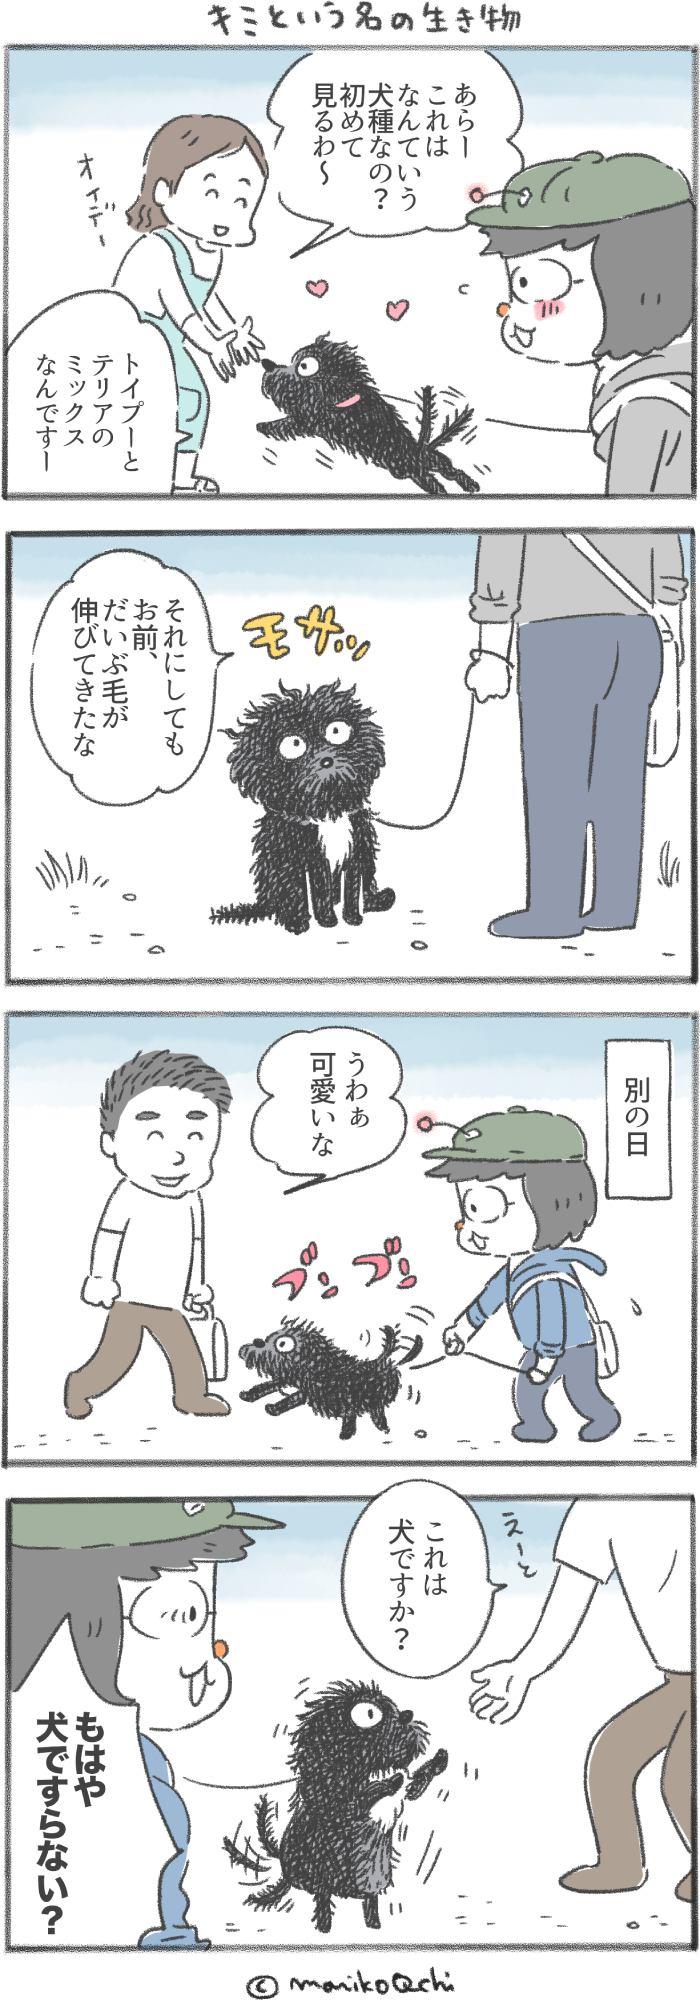 犬と暮らせば 第124話